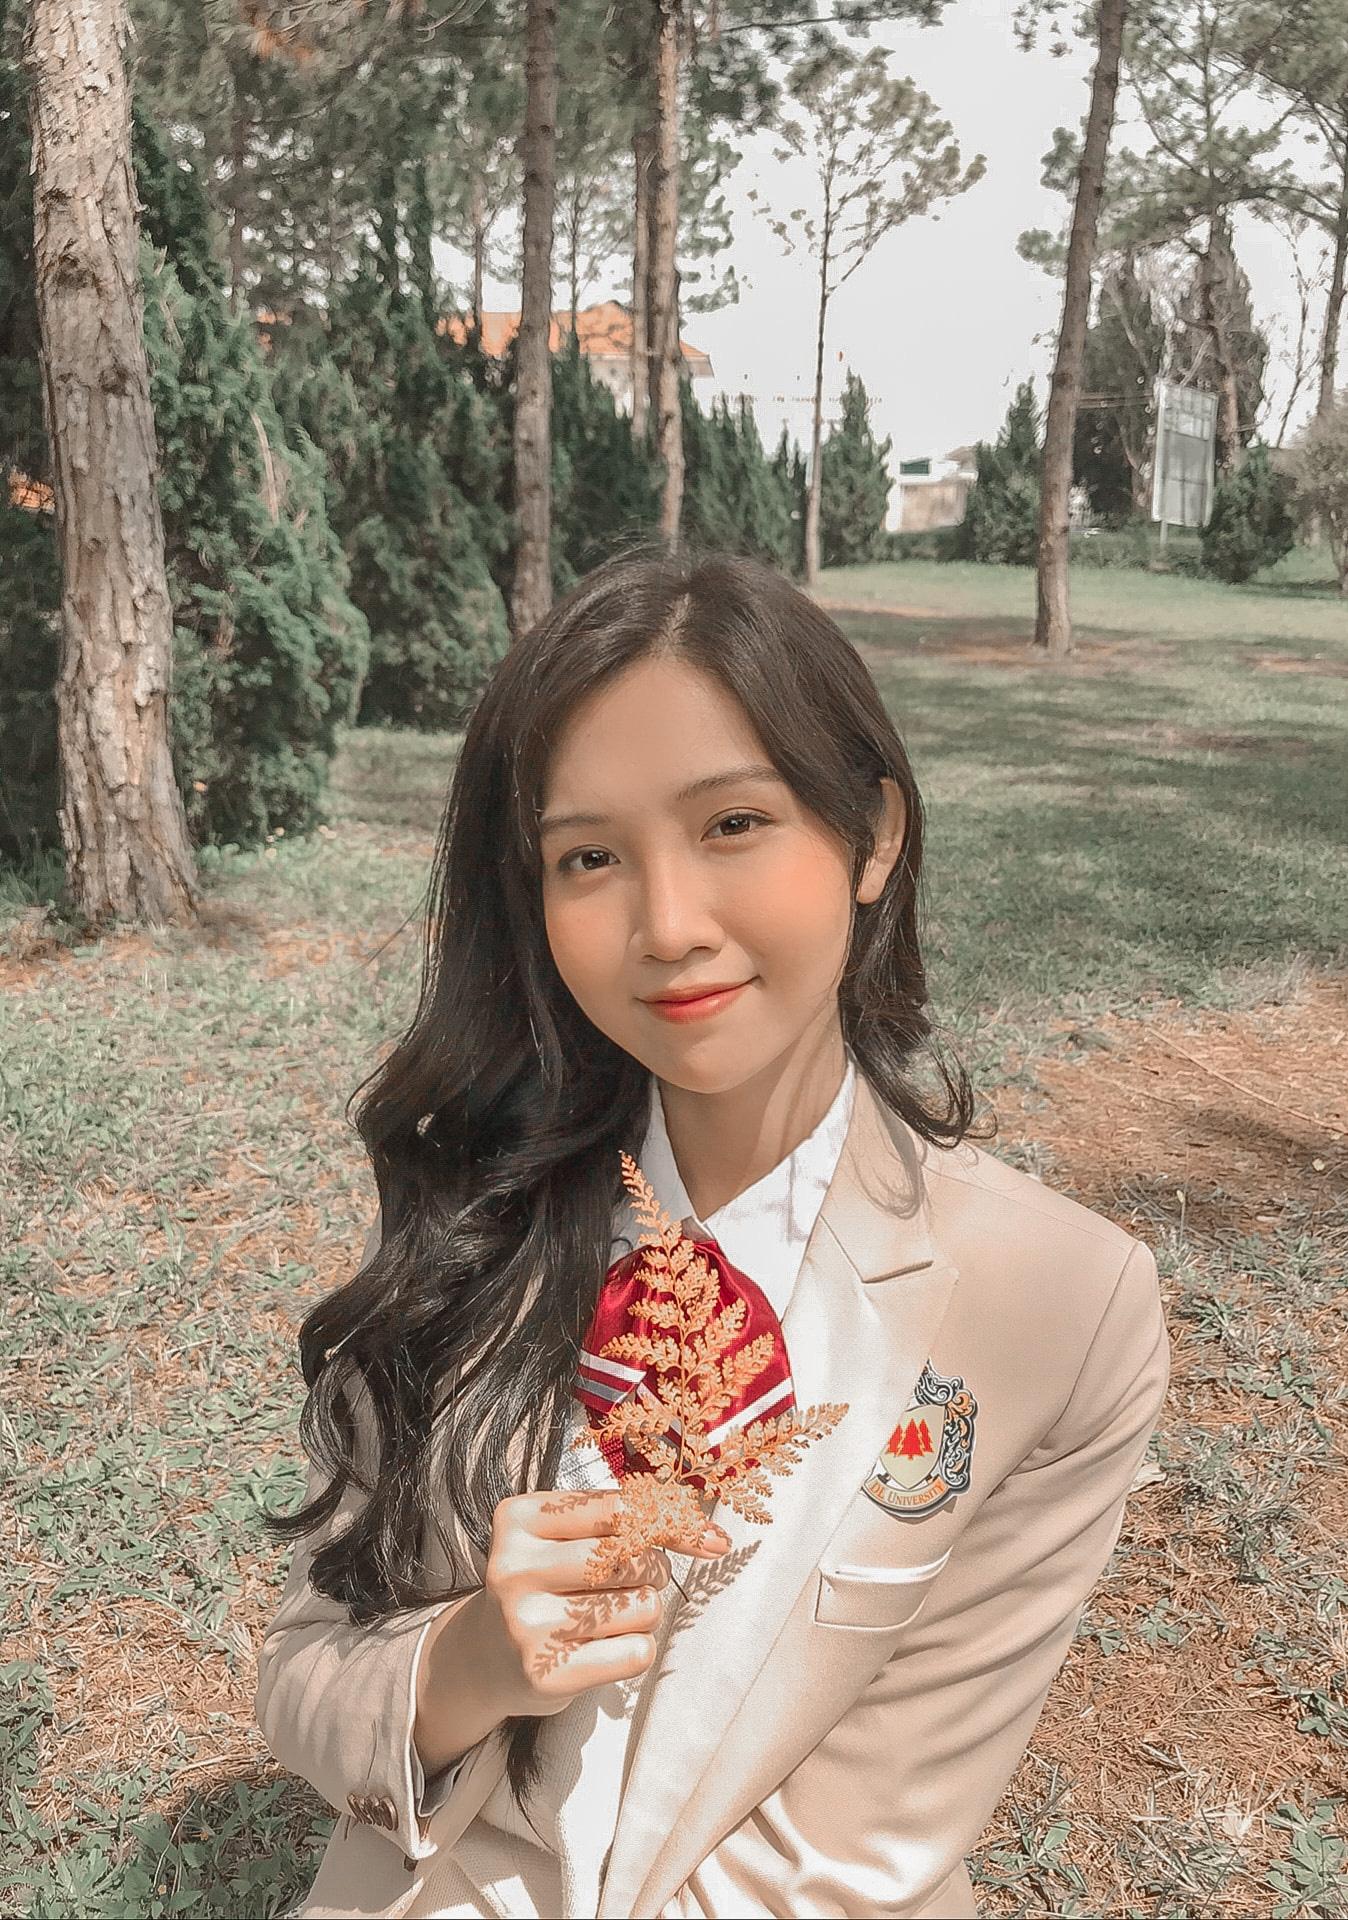 Đỗ Nhật Hà vào vai nữ phụ đam mỹ trong dự án phim boys love Sau Vạt Nắng - Ảnh 3.